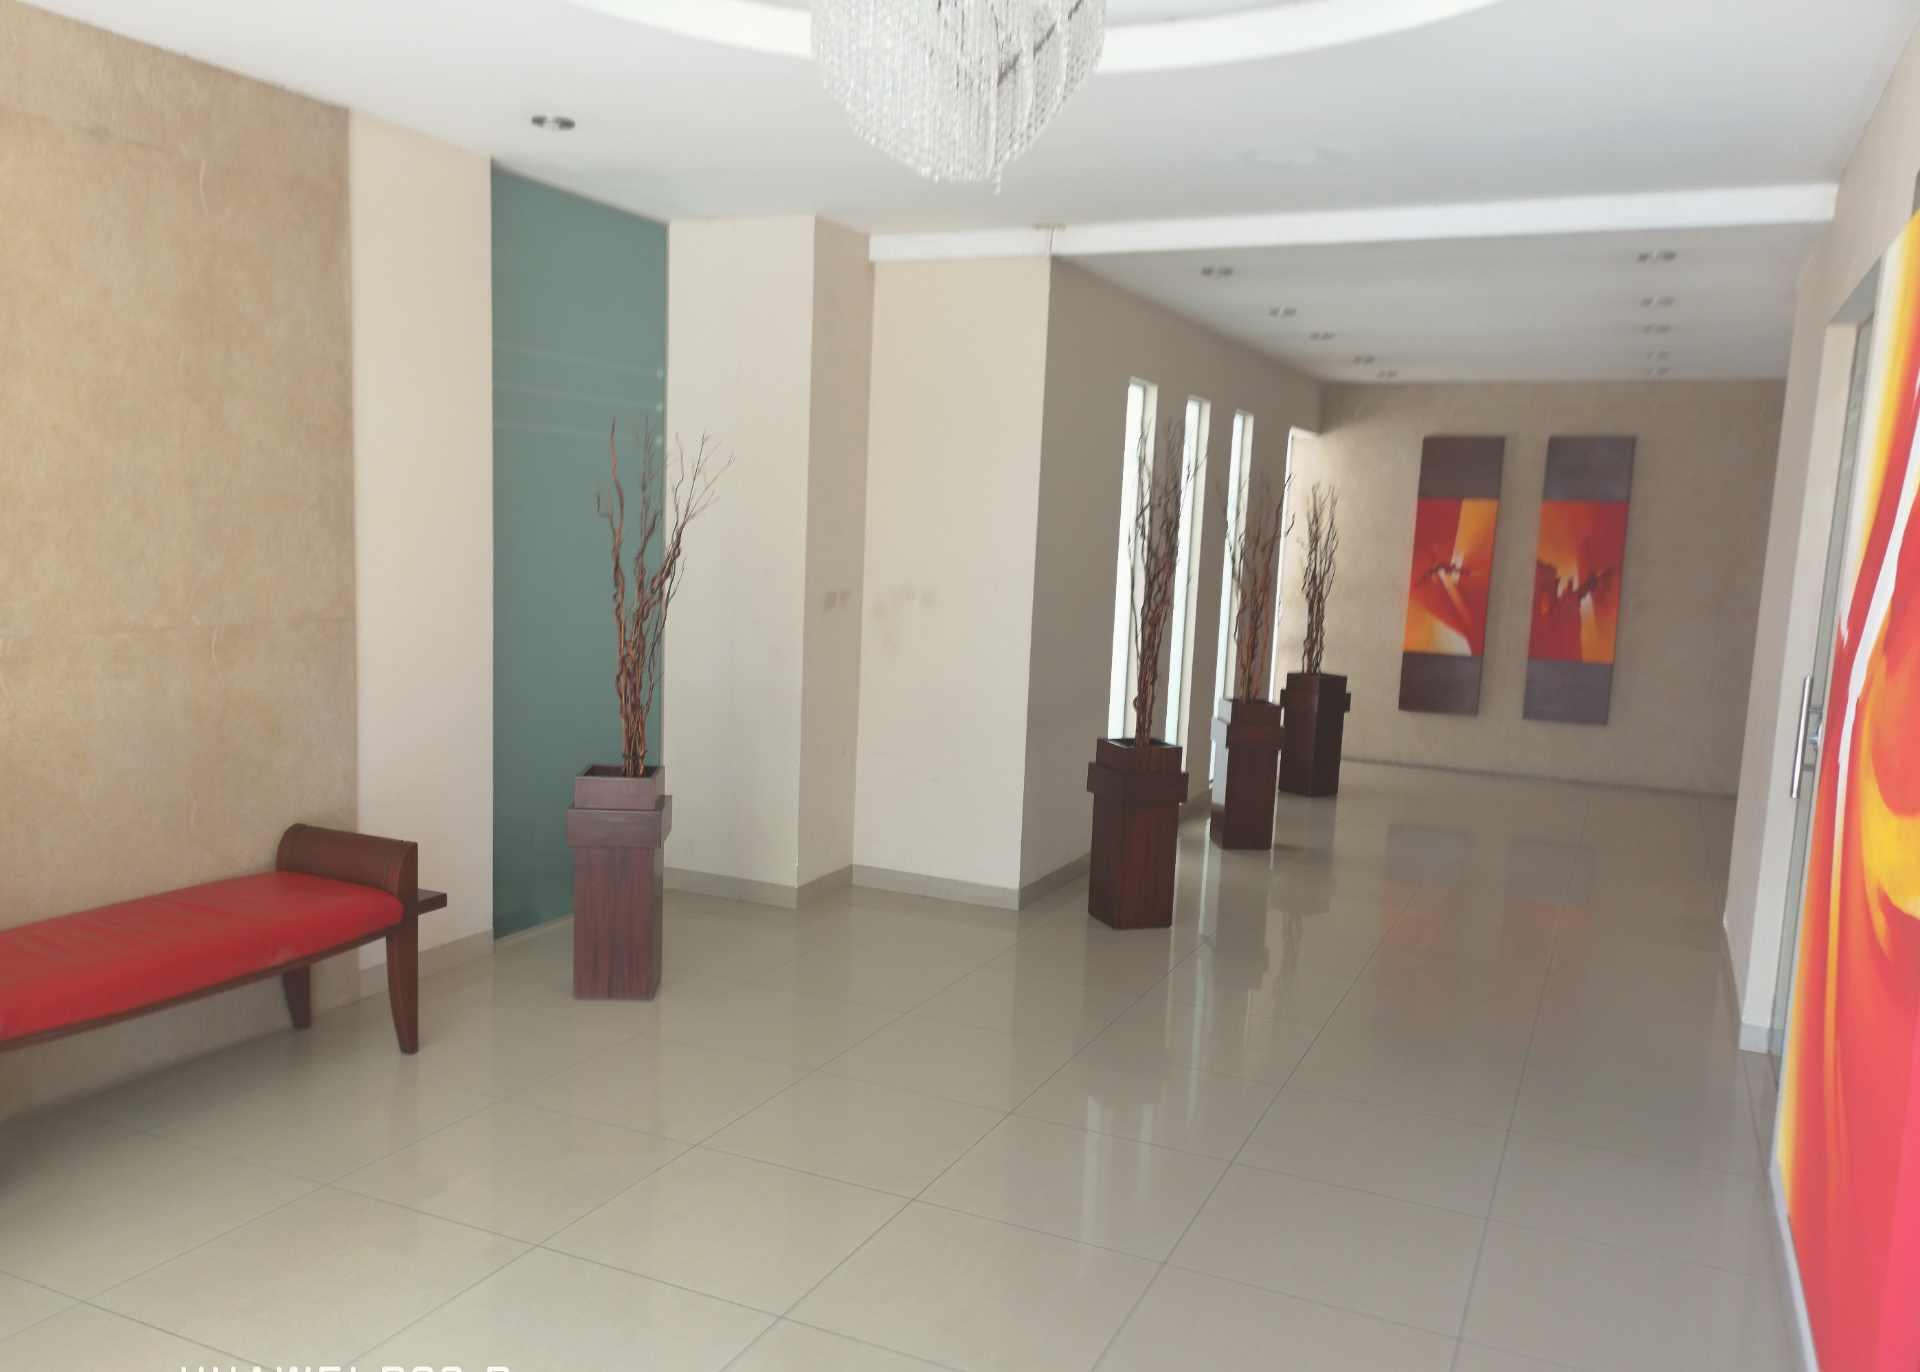 Departamento en Alquiler EDIF. ANTAIRE - C/ GUALBERTO VILLARROEL Foto 11